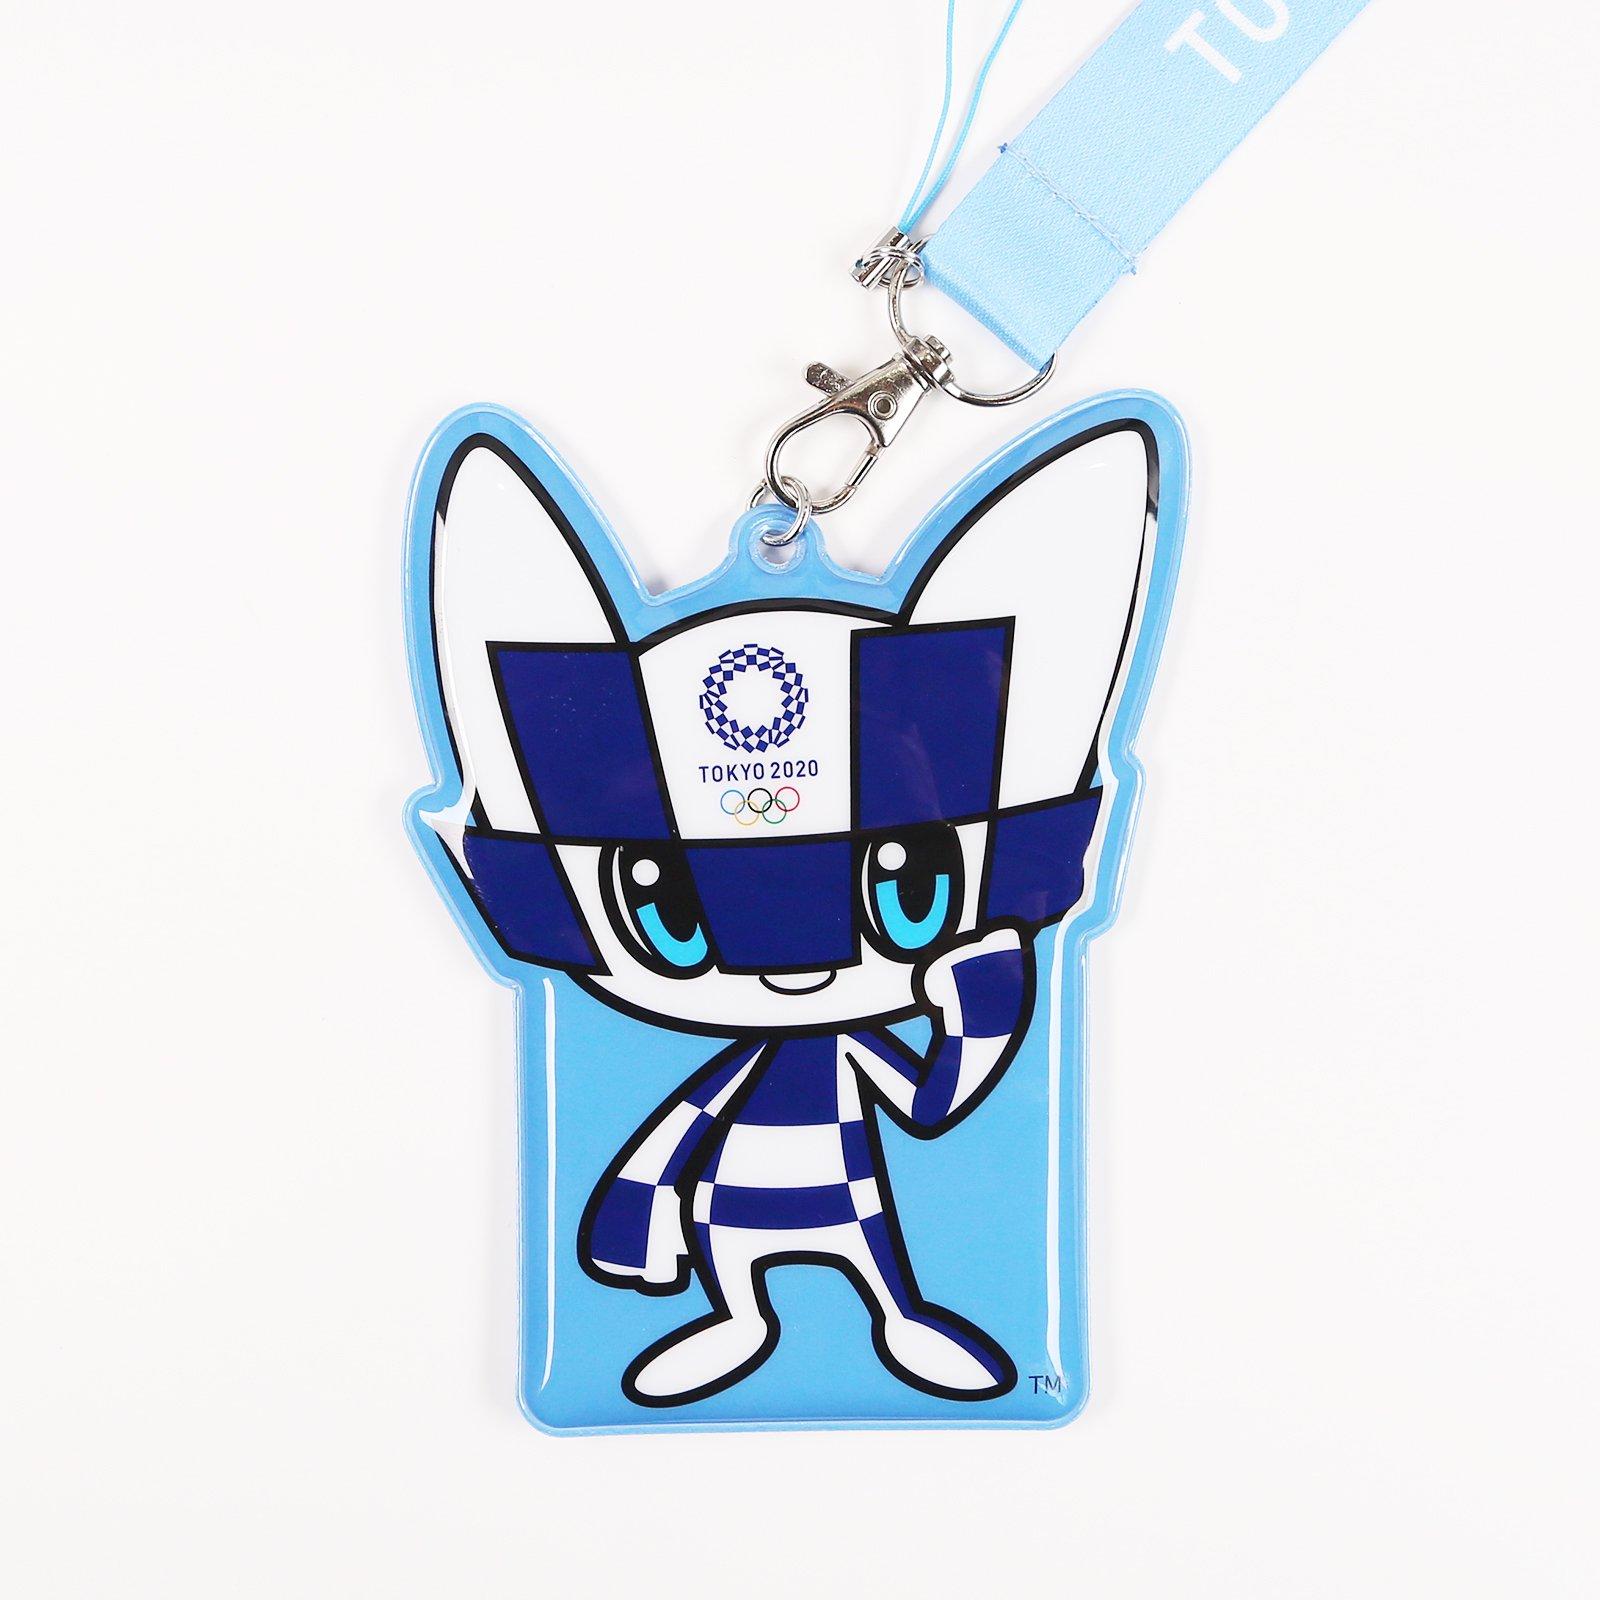 【セール価格】東京2020オリンピックマスコット PVCパスケースネックストラップ